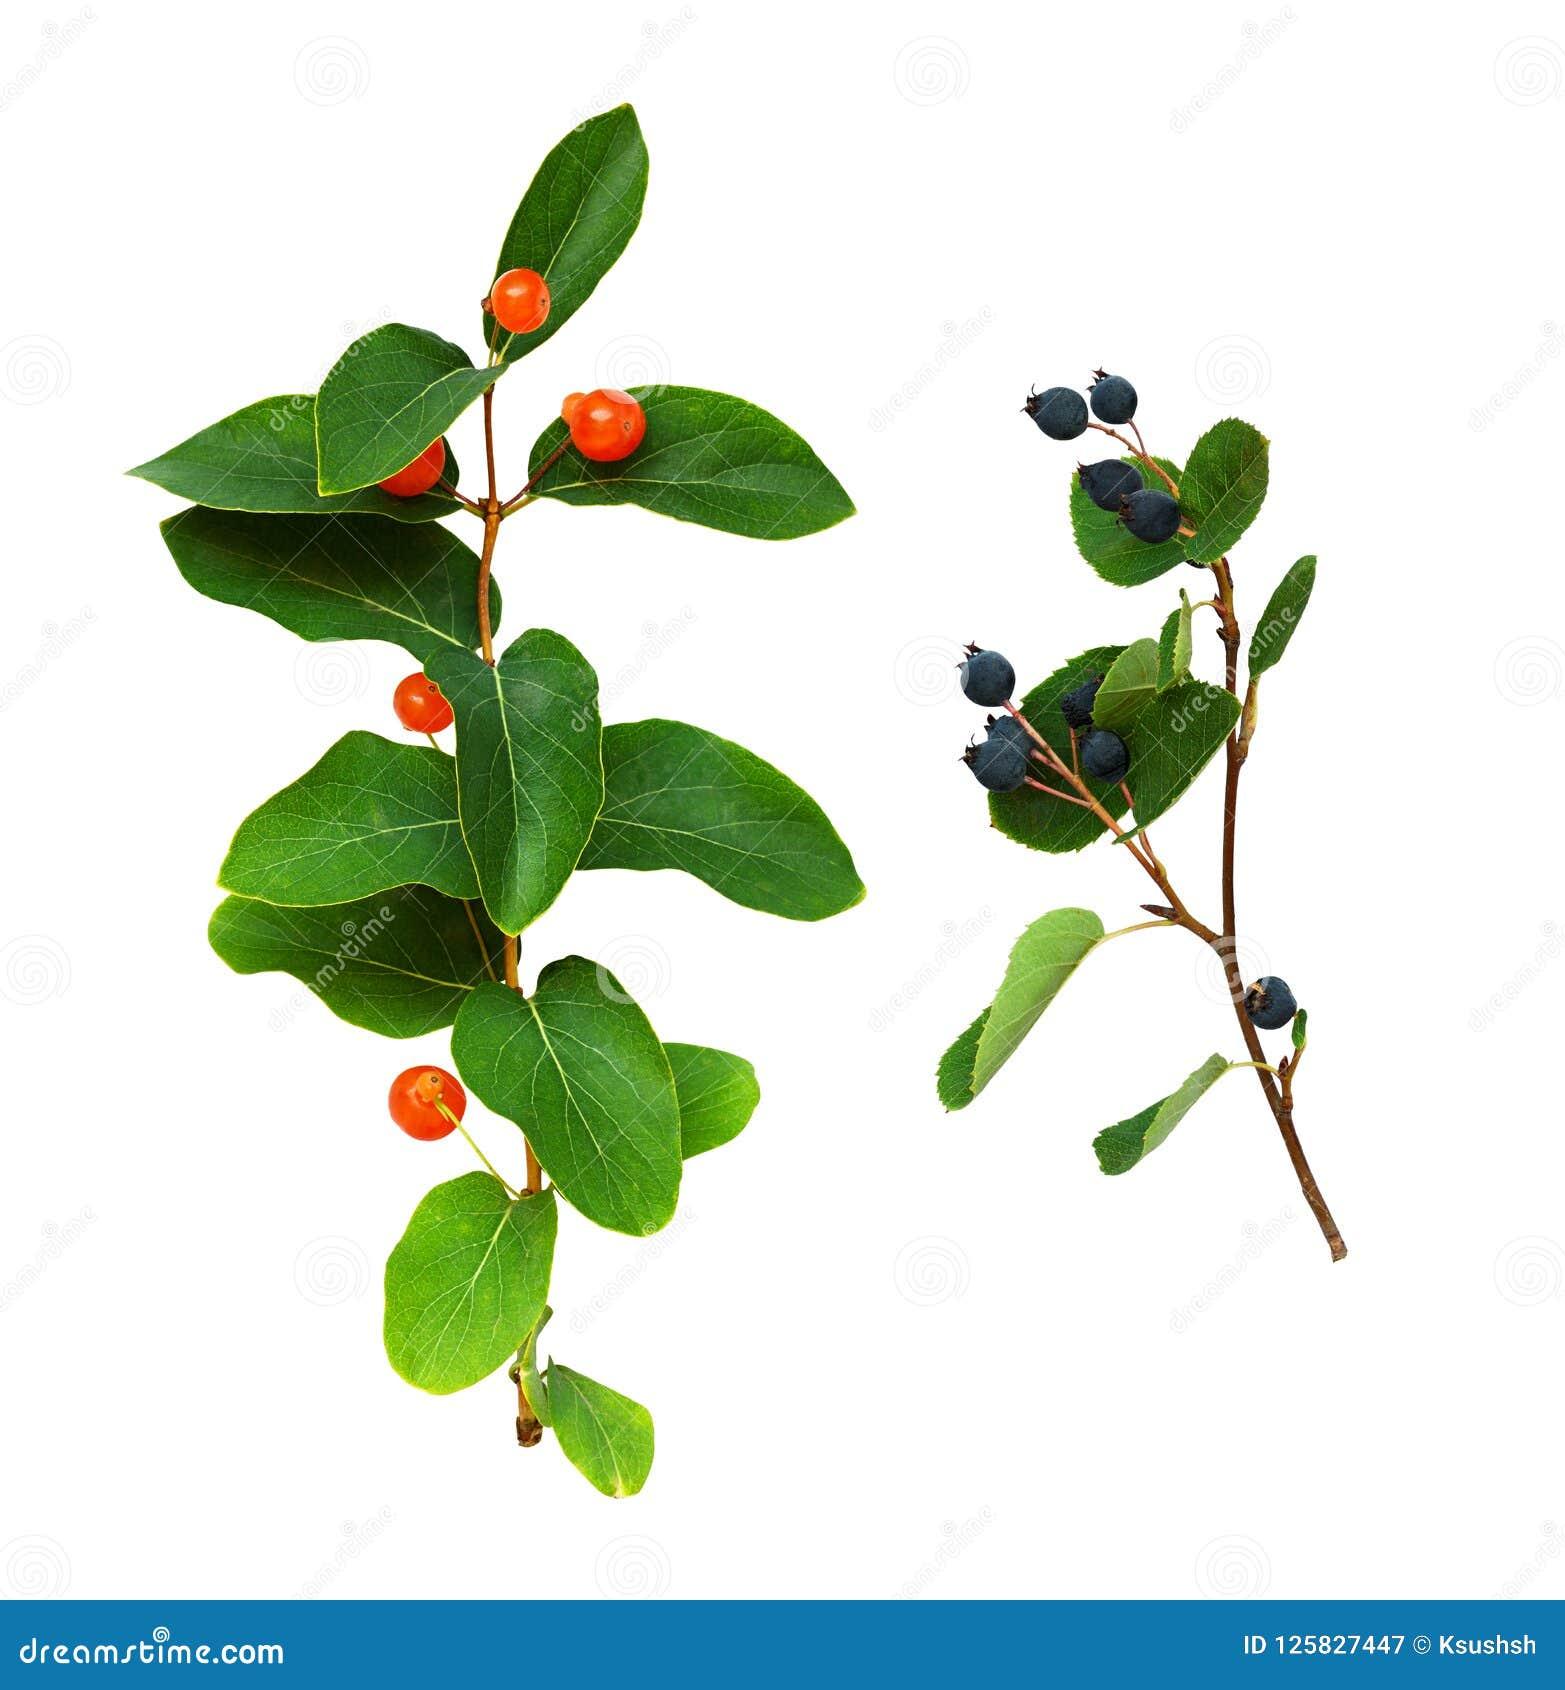 Reeks takjes met groene bladeren en rode en blauwe bessen